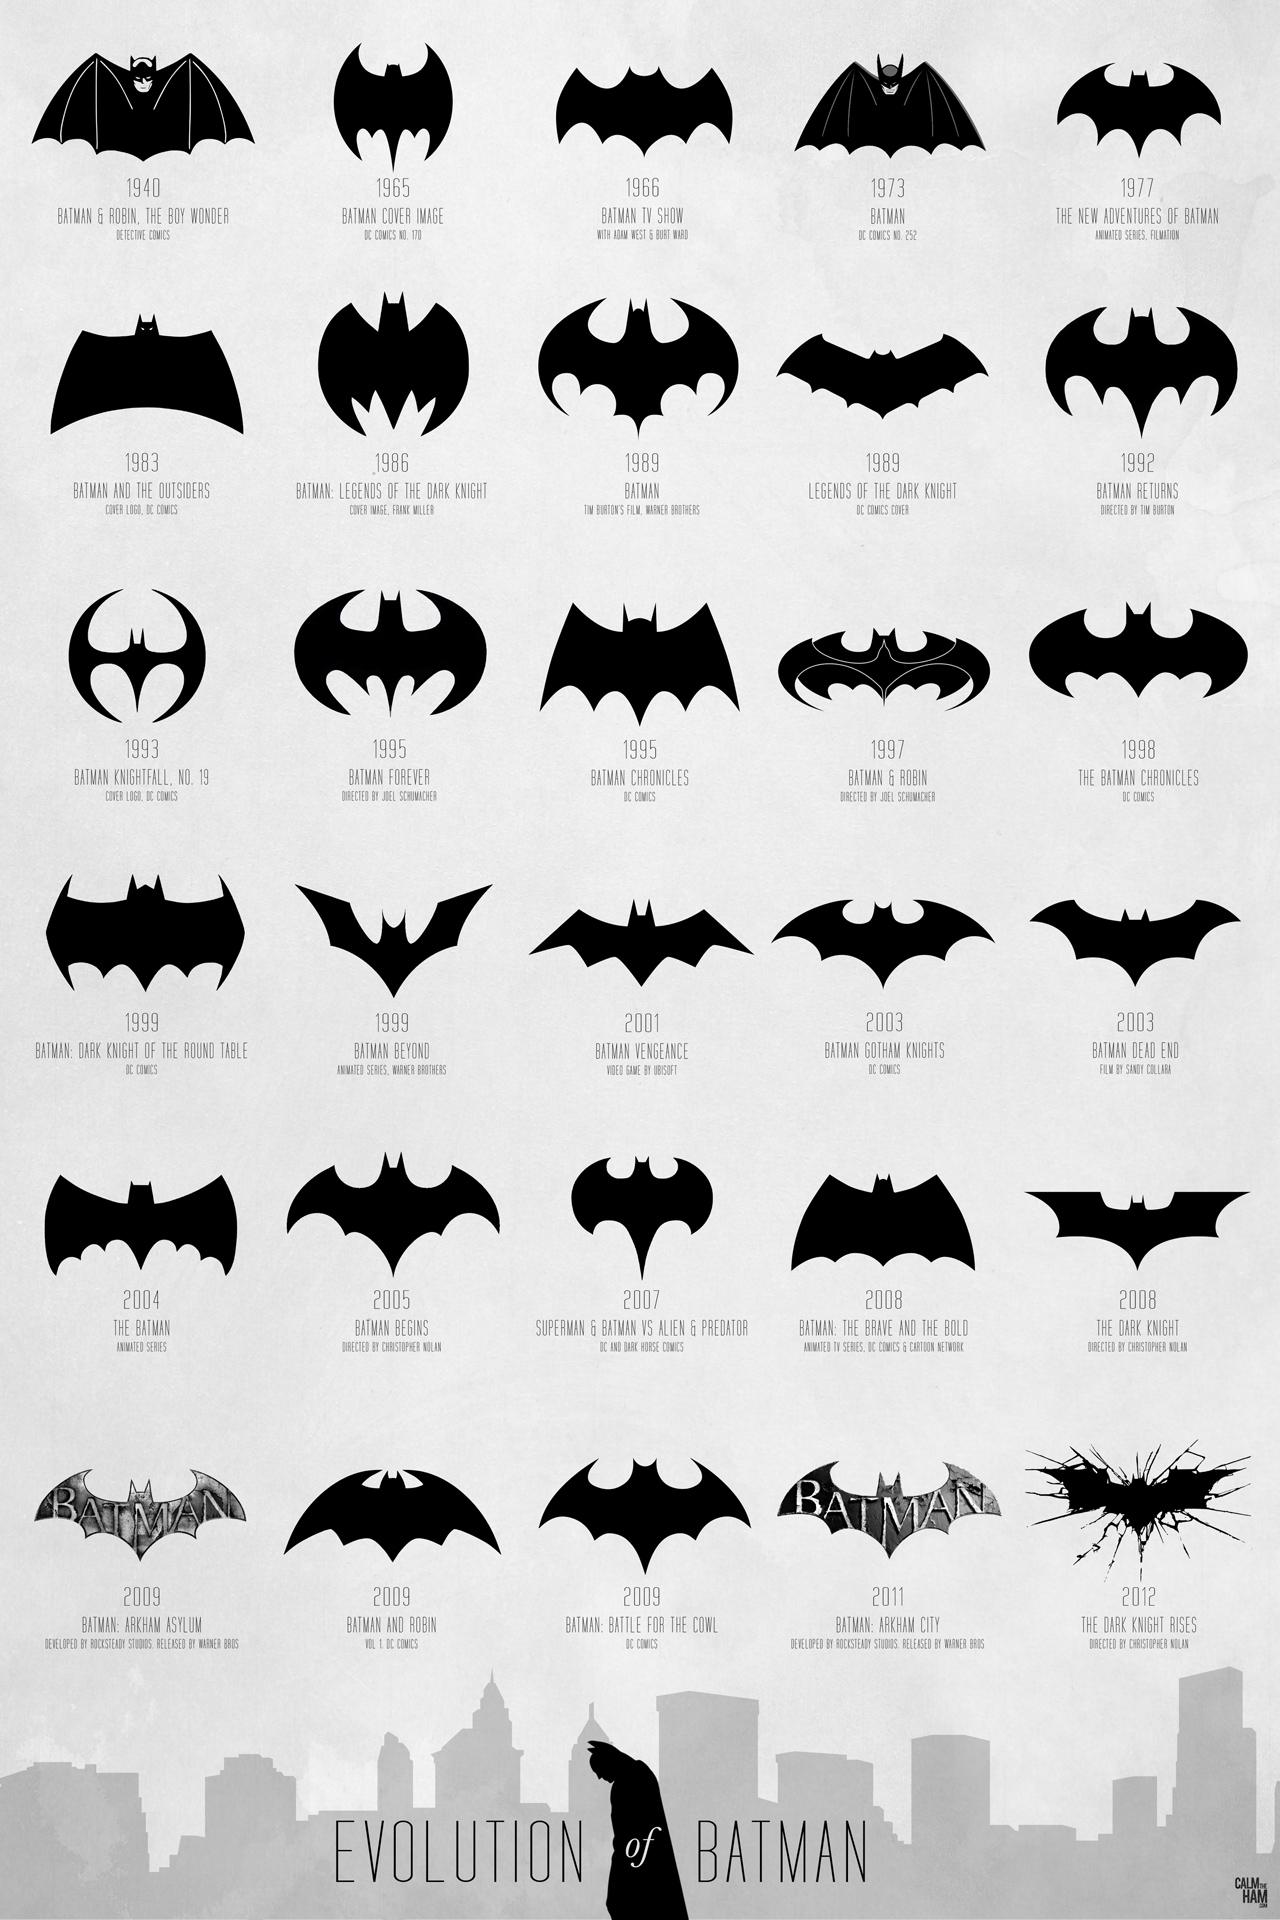 مراحل تطور باتمان